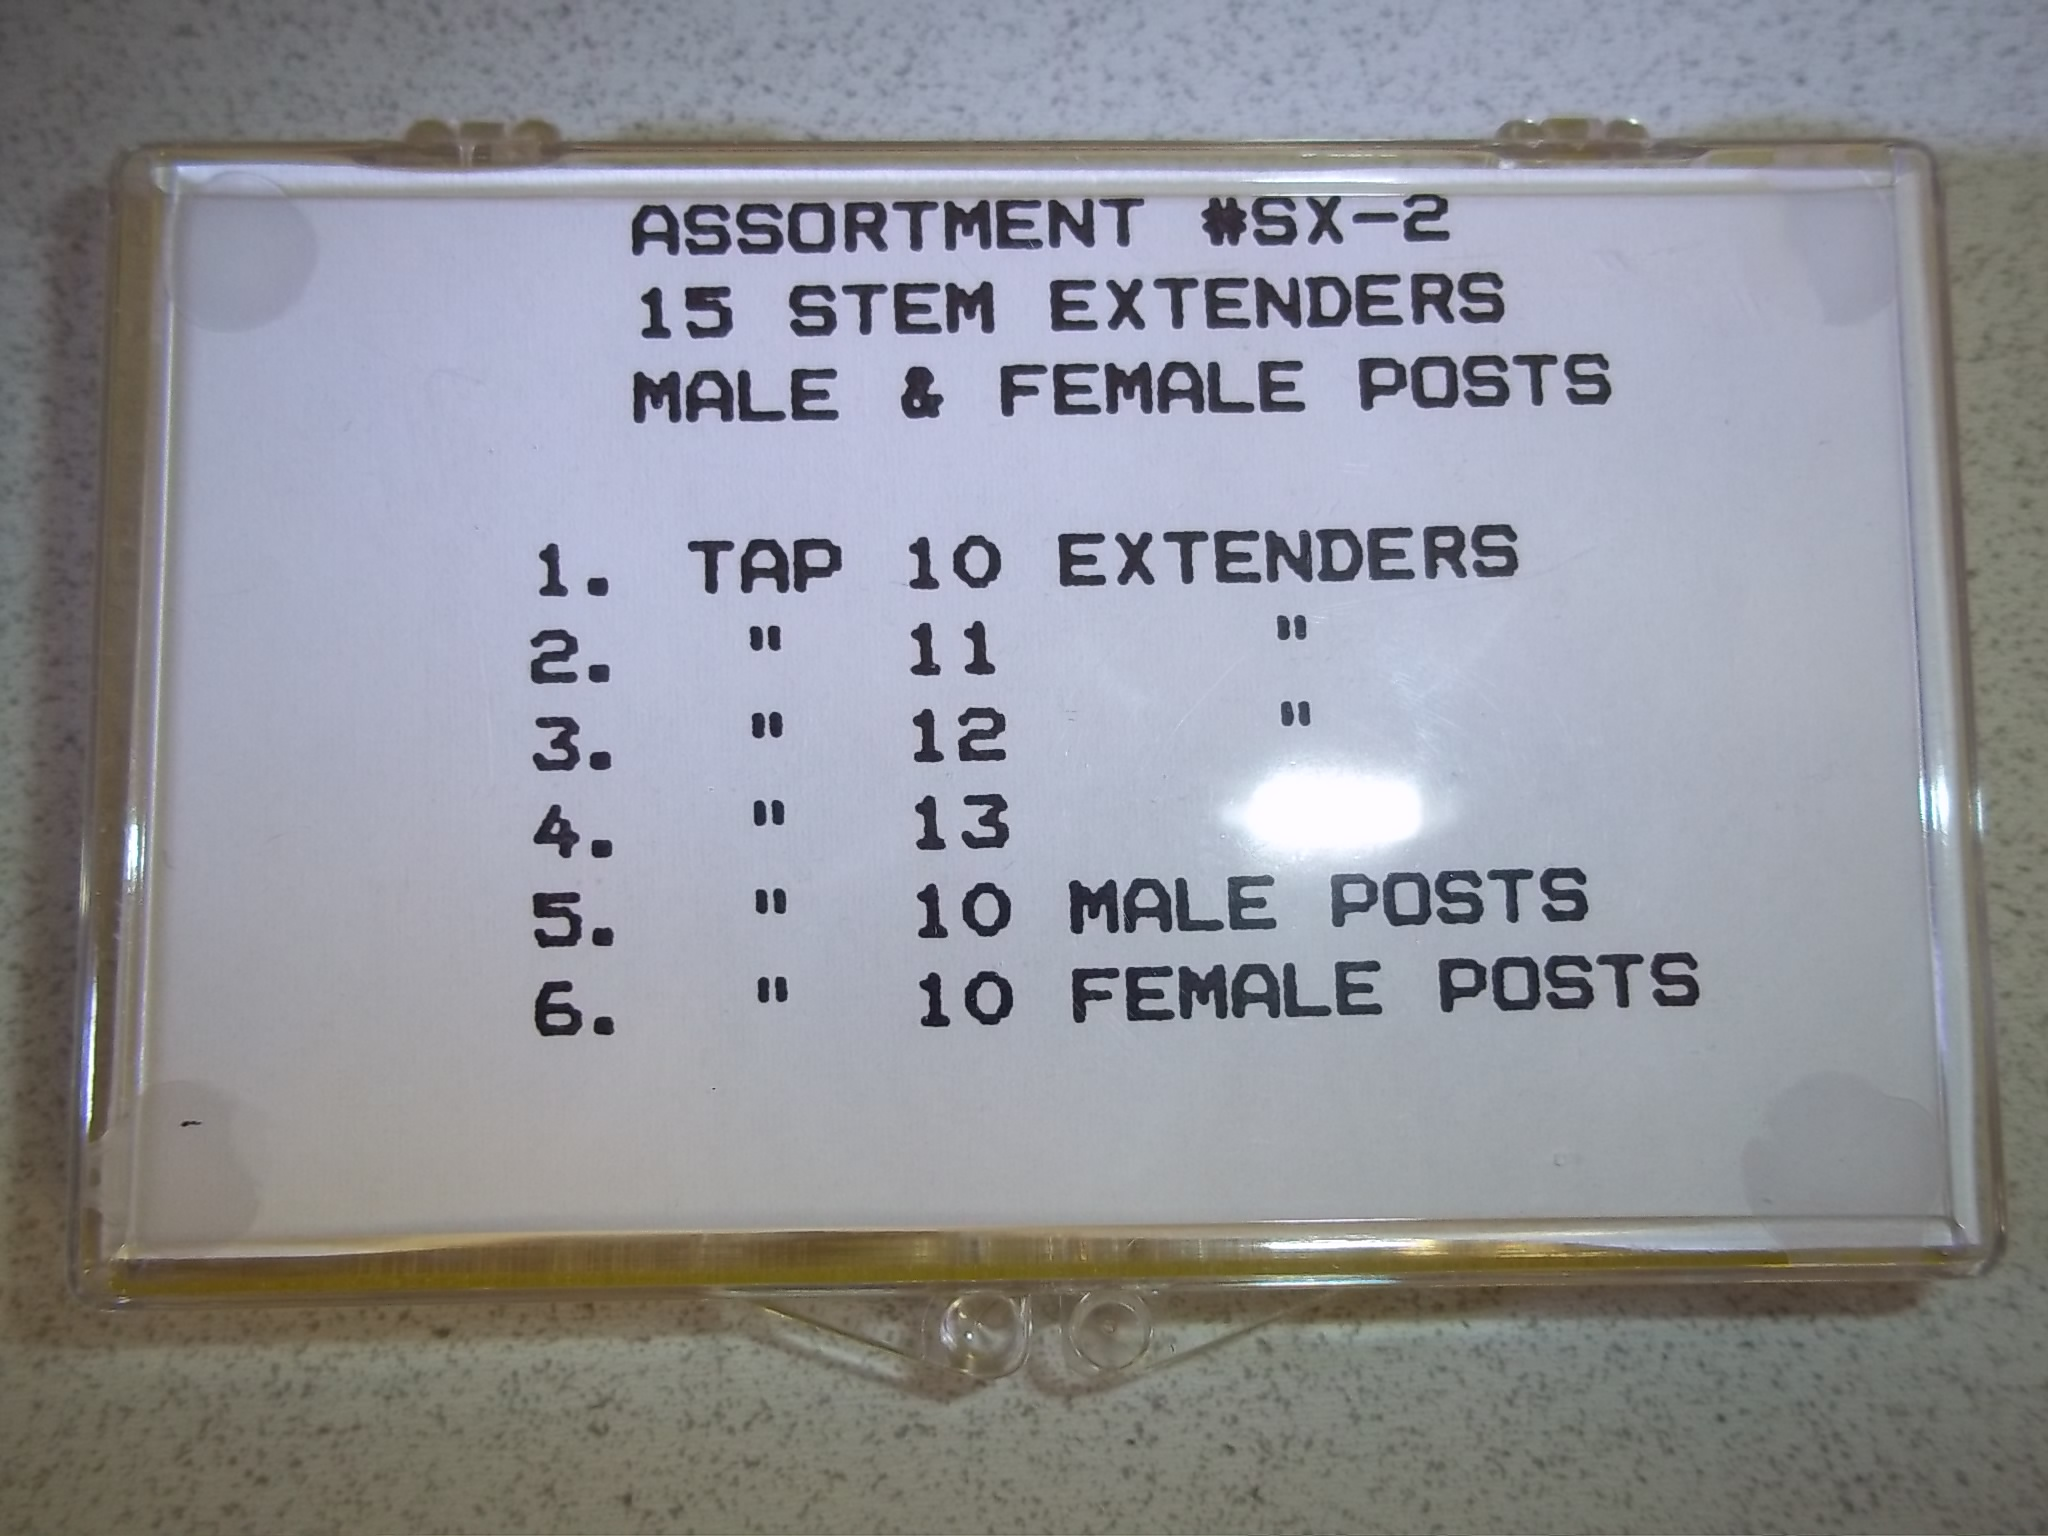 SE215 New! Assortment of 15 Stem Extenders- Acon